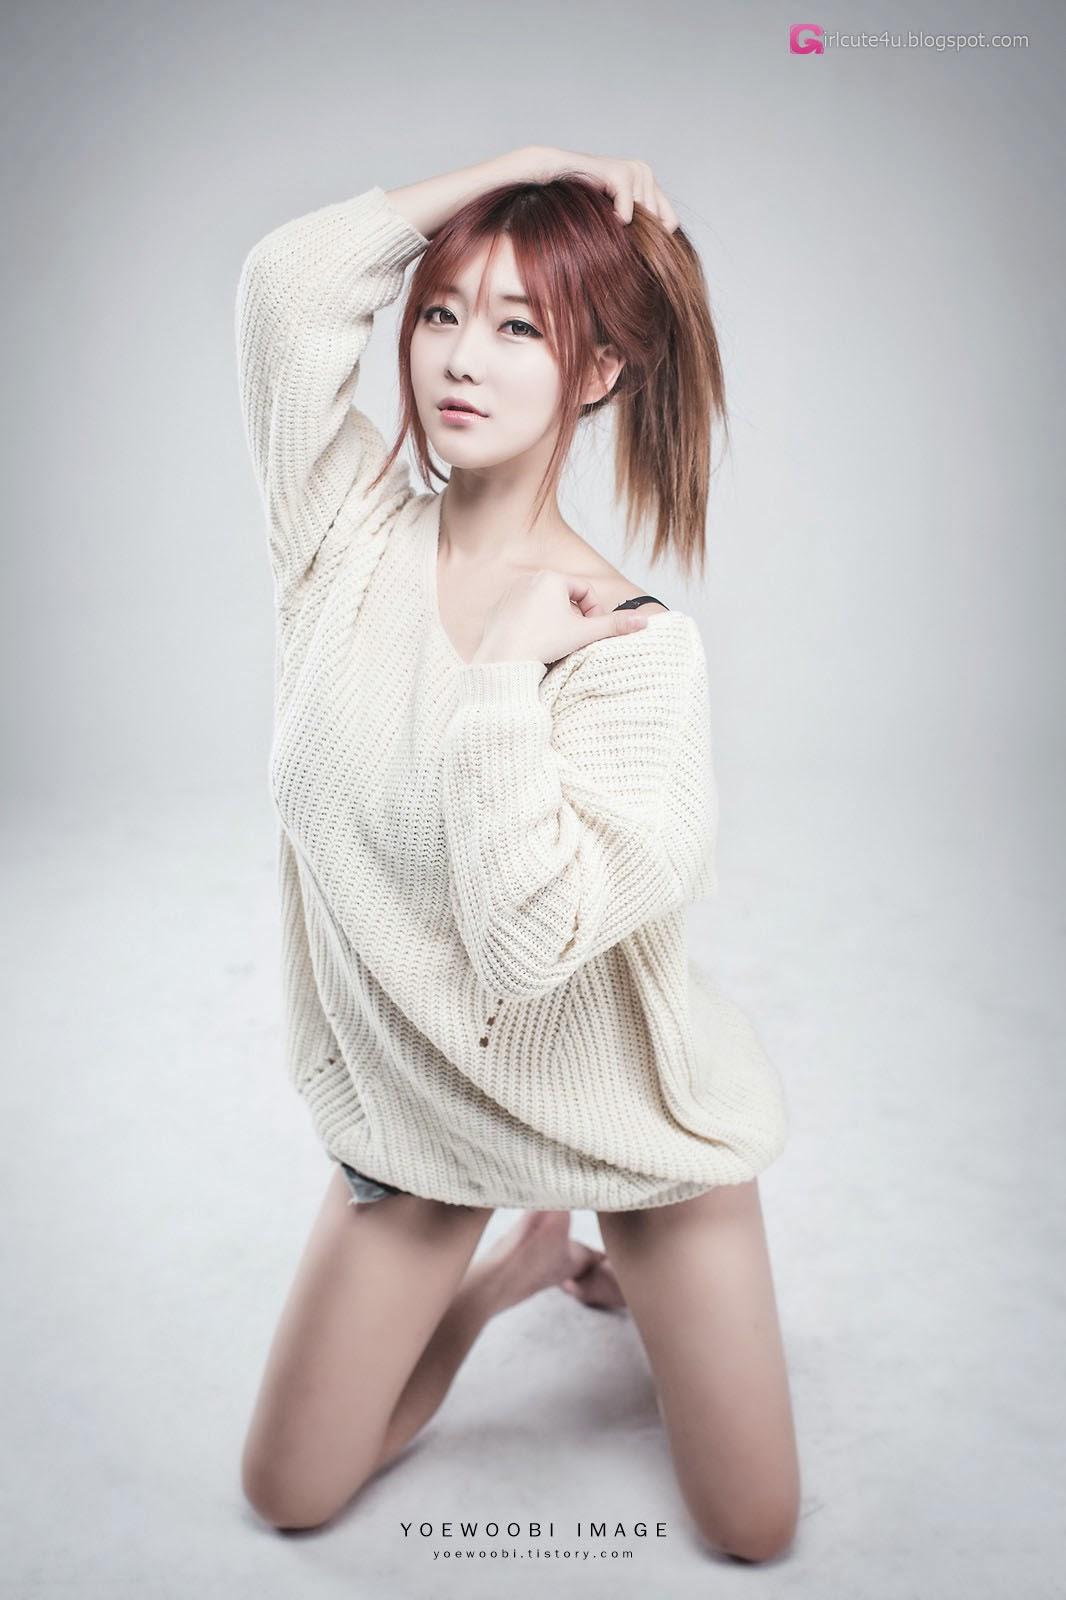 2 Choi Seul Ki - very cute asian girl-girlcute4u.blogspot.com